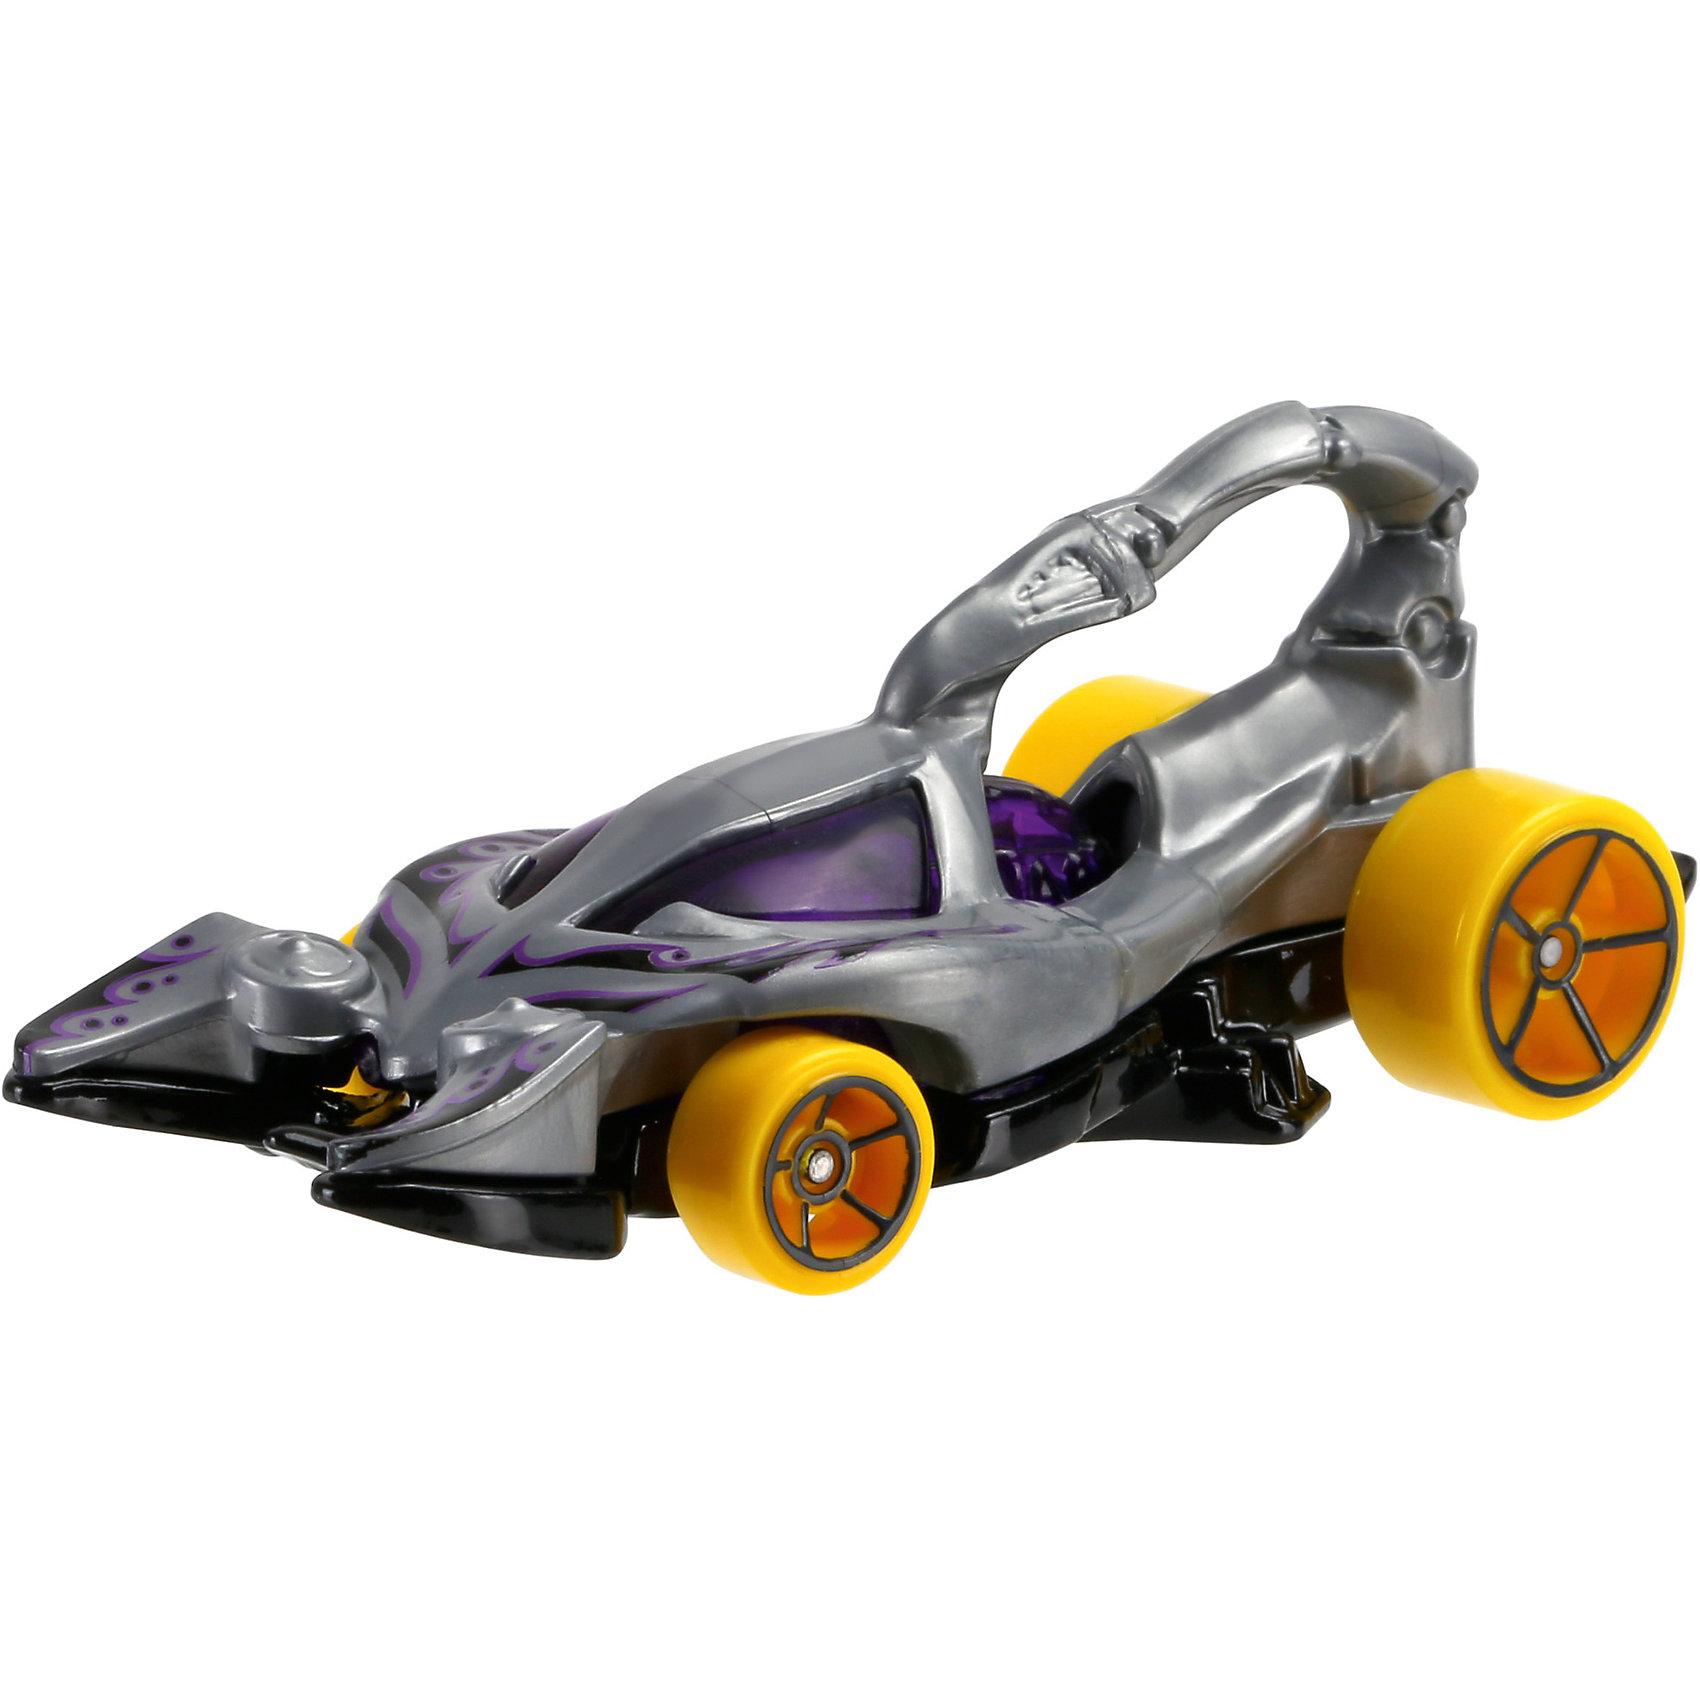 Машинка Hot Wheels из базовой коллекцииМашинка Hot Wheels из базовой коллекции – высококачественная масштабная модель машины, имеющая неординарный, радикальный дизайн. <br><br>В упаковке 1 машинка,  машинки тематически обусловлены от фантазийных, спасательных до экстремальных и просто скоростных машин. <br><br>Соберите свою коллекцию машинок Hot Wheels!<br><br>Дополнительная информация: <br><br>Машинка стандартного размера Hot Wheels<br>Размер упаковки: 11 х 10,5 х 3,5 см<br><br>Ширина мм: 110<br>Глубина мм: 45<br>Высота мм: 110<br>Вес г: 30<br>Возраст от месяцев: 36<br>Возраст до месяцев: 96<br>Пол: Мужской<br>Возраст: Детский<br>SKU: 4901820